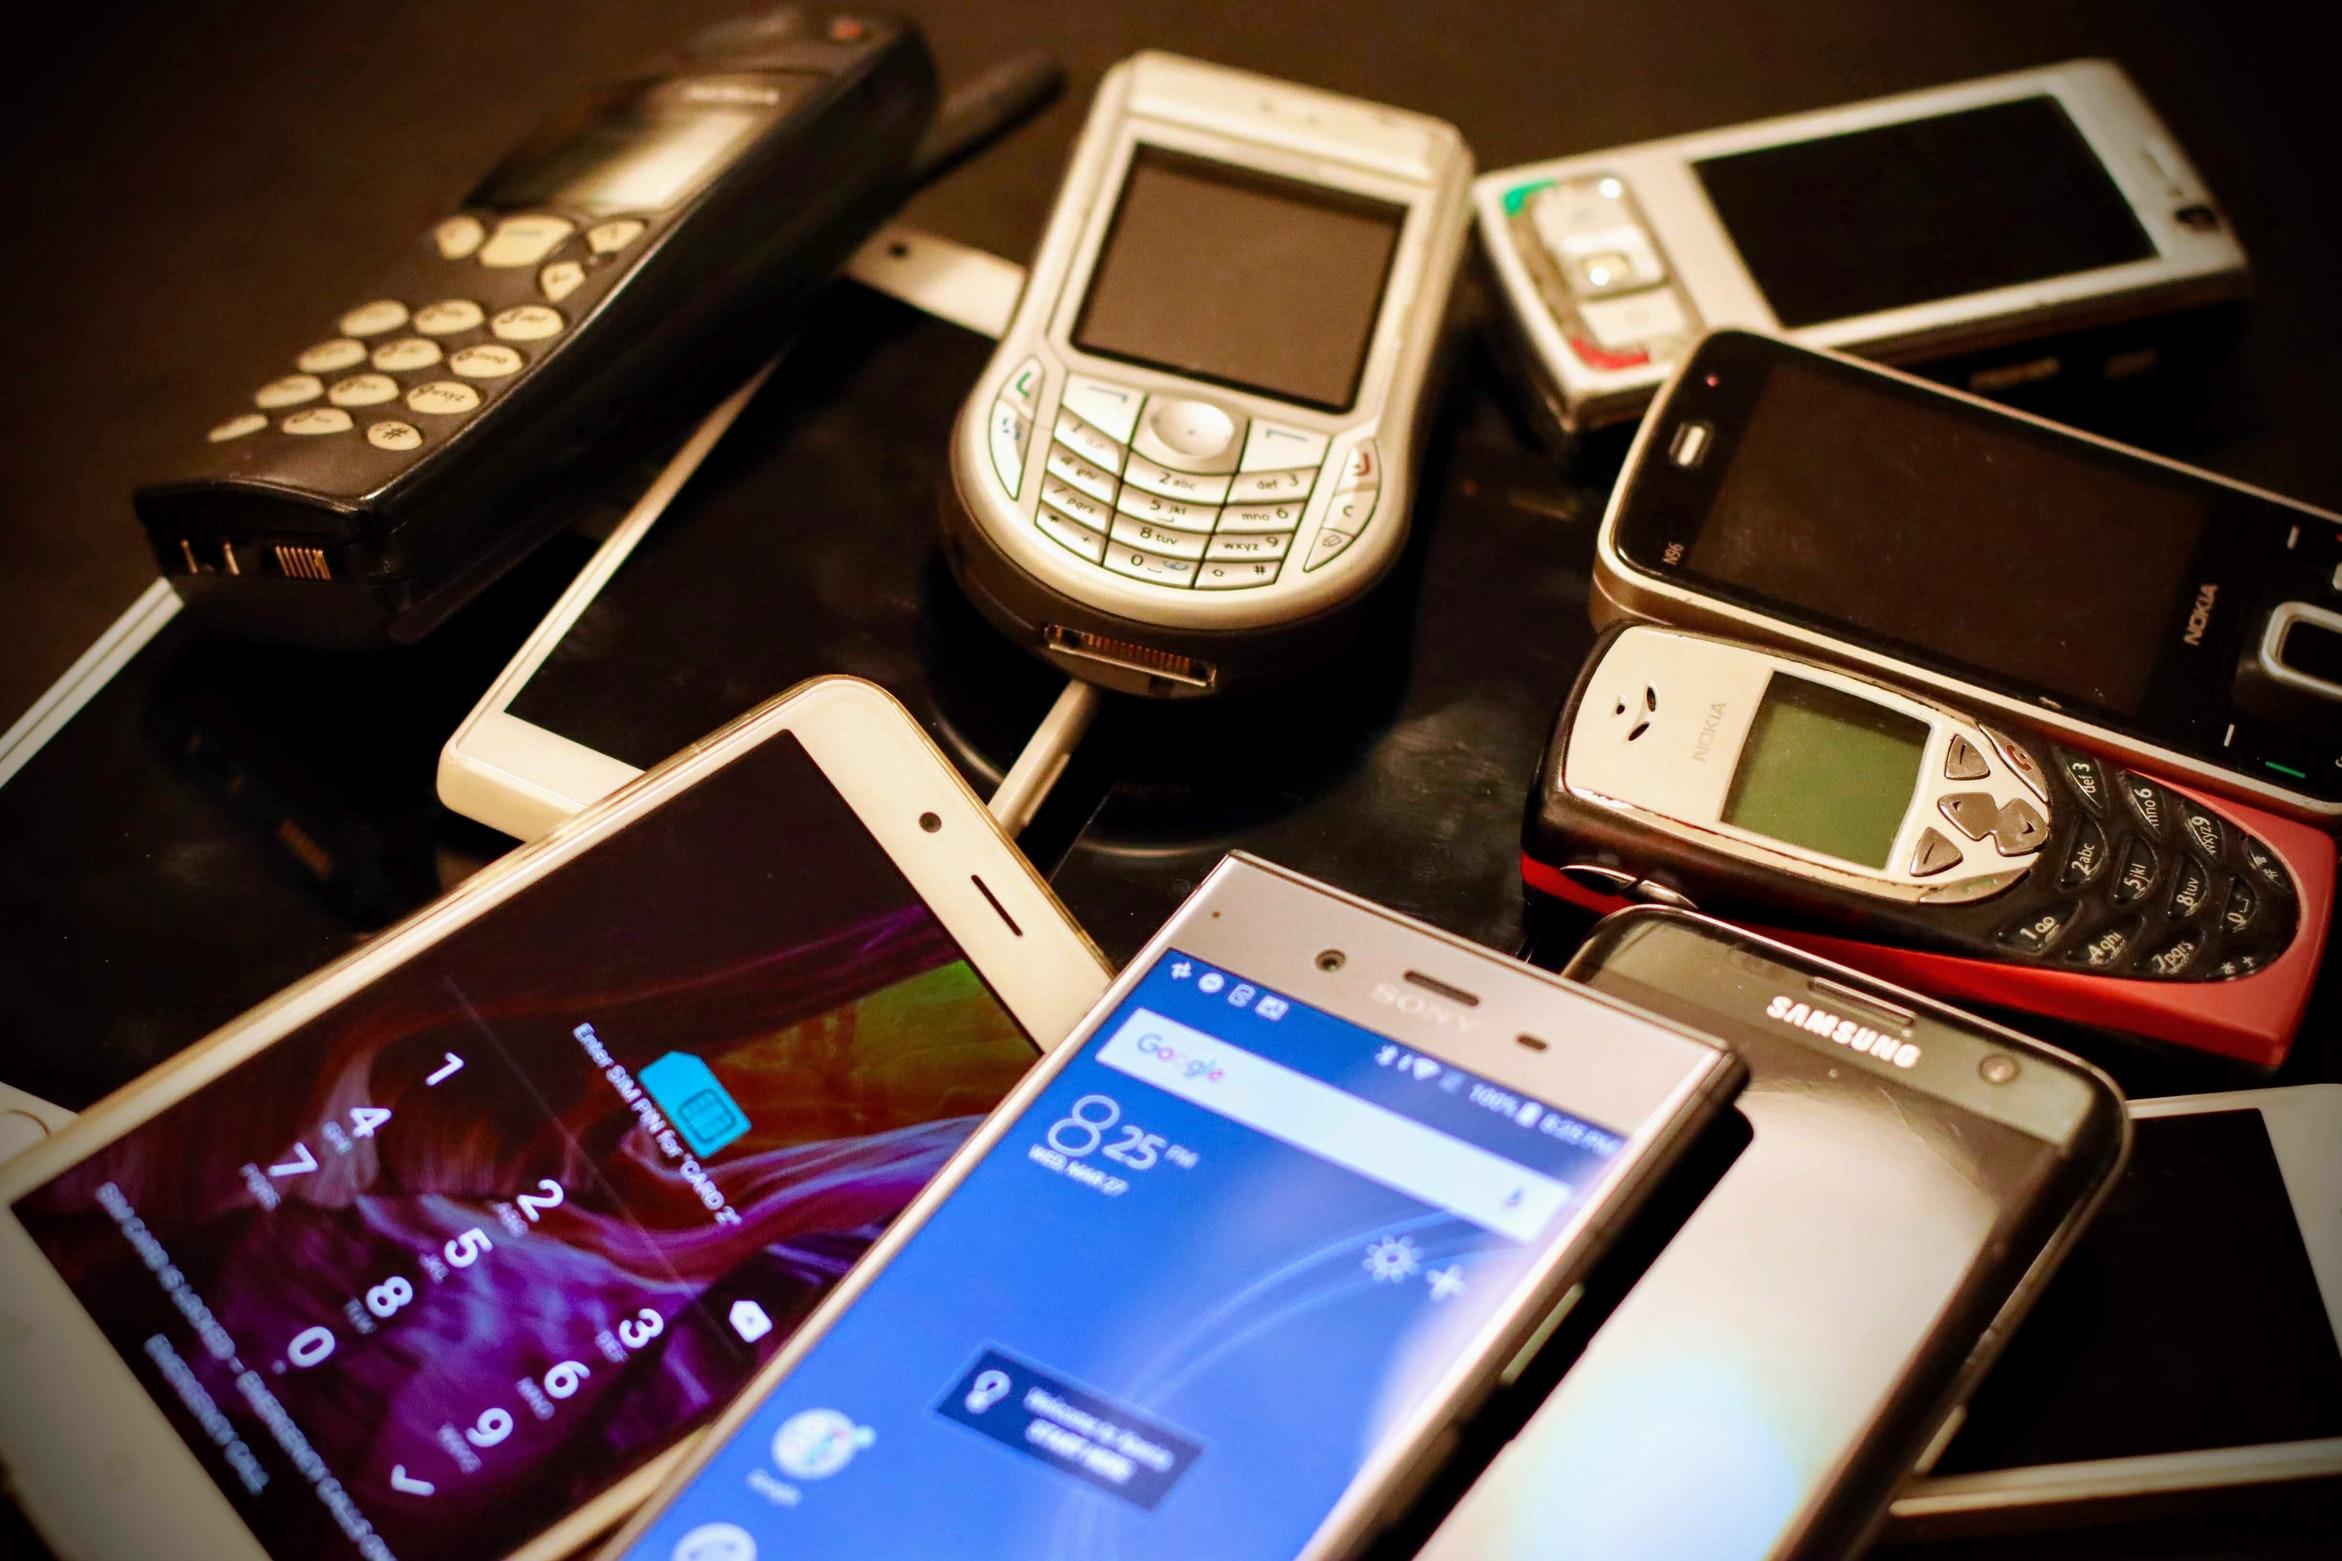 Support older smartphones